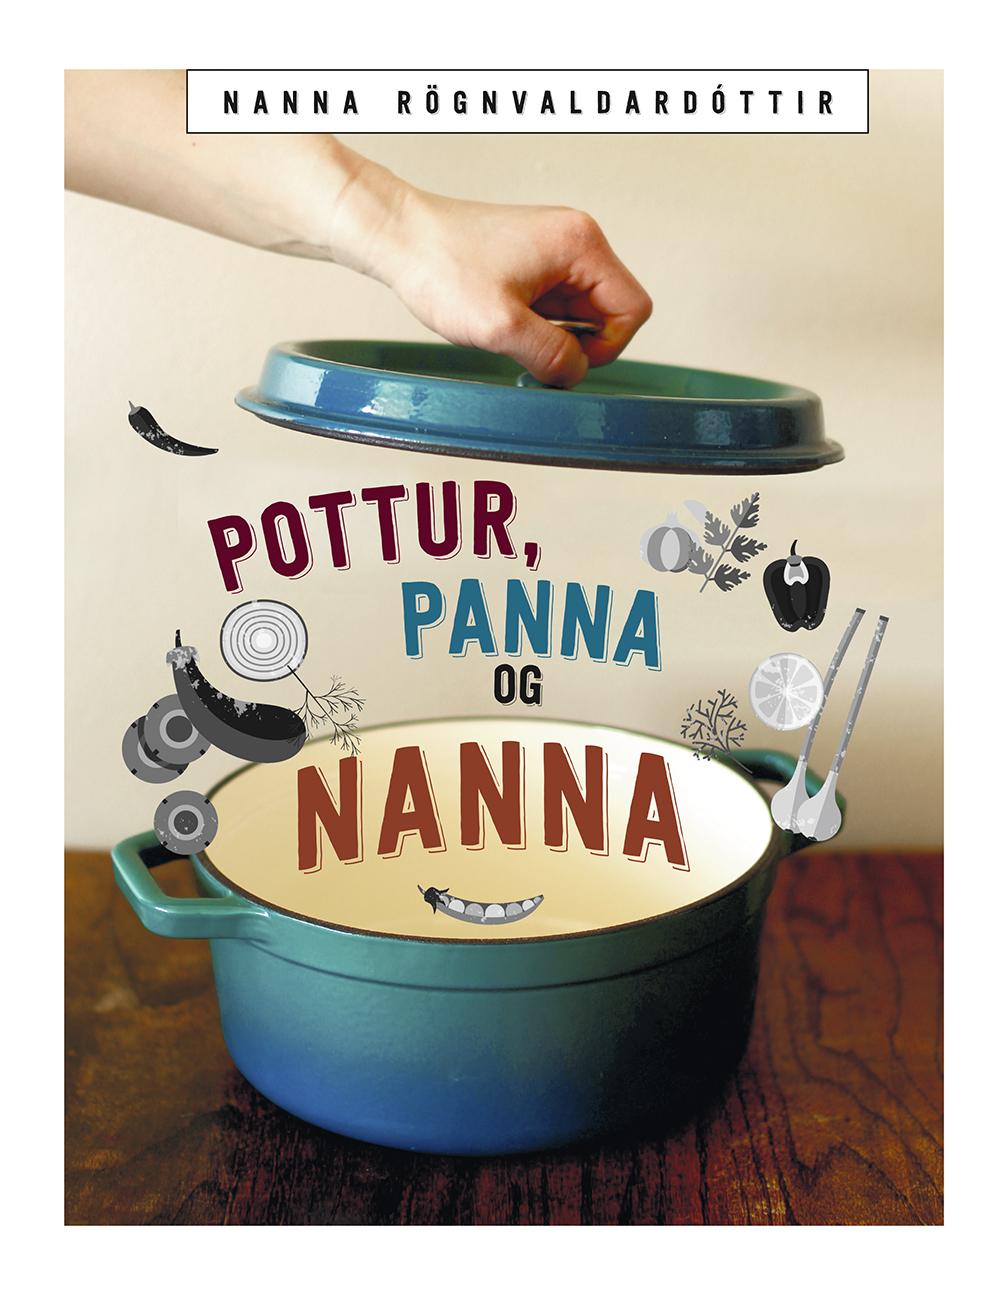 Pottur. panna og Nanna